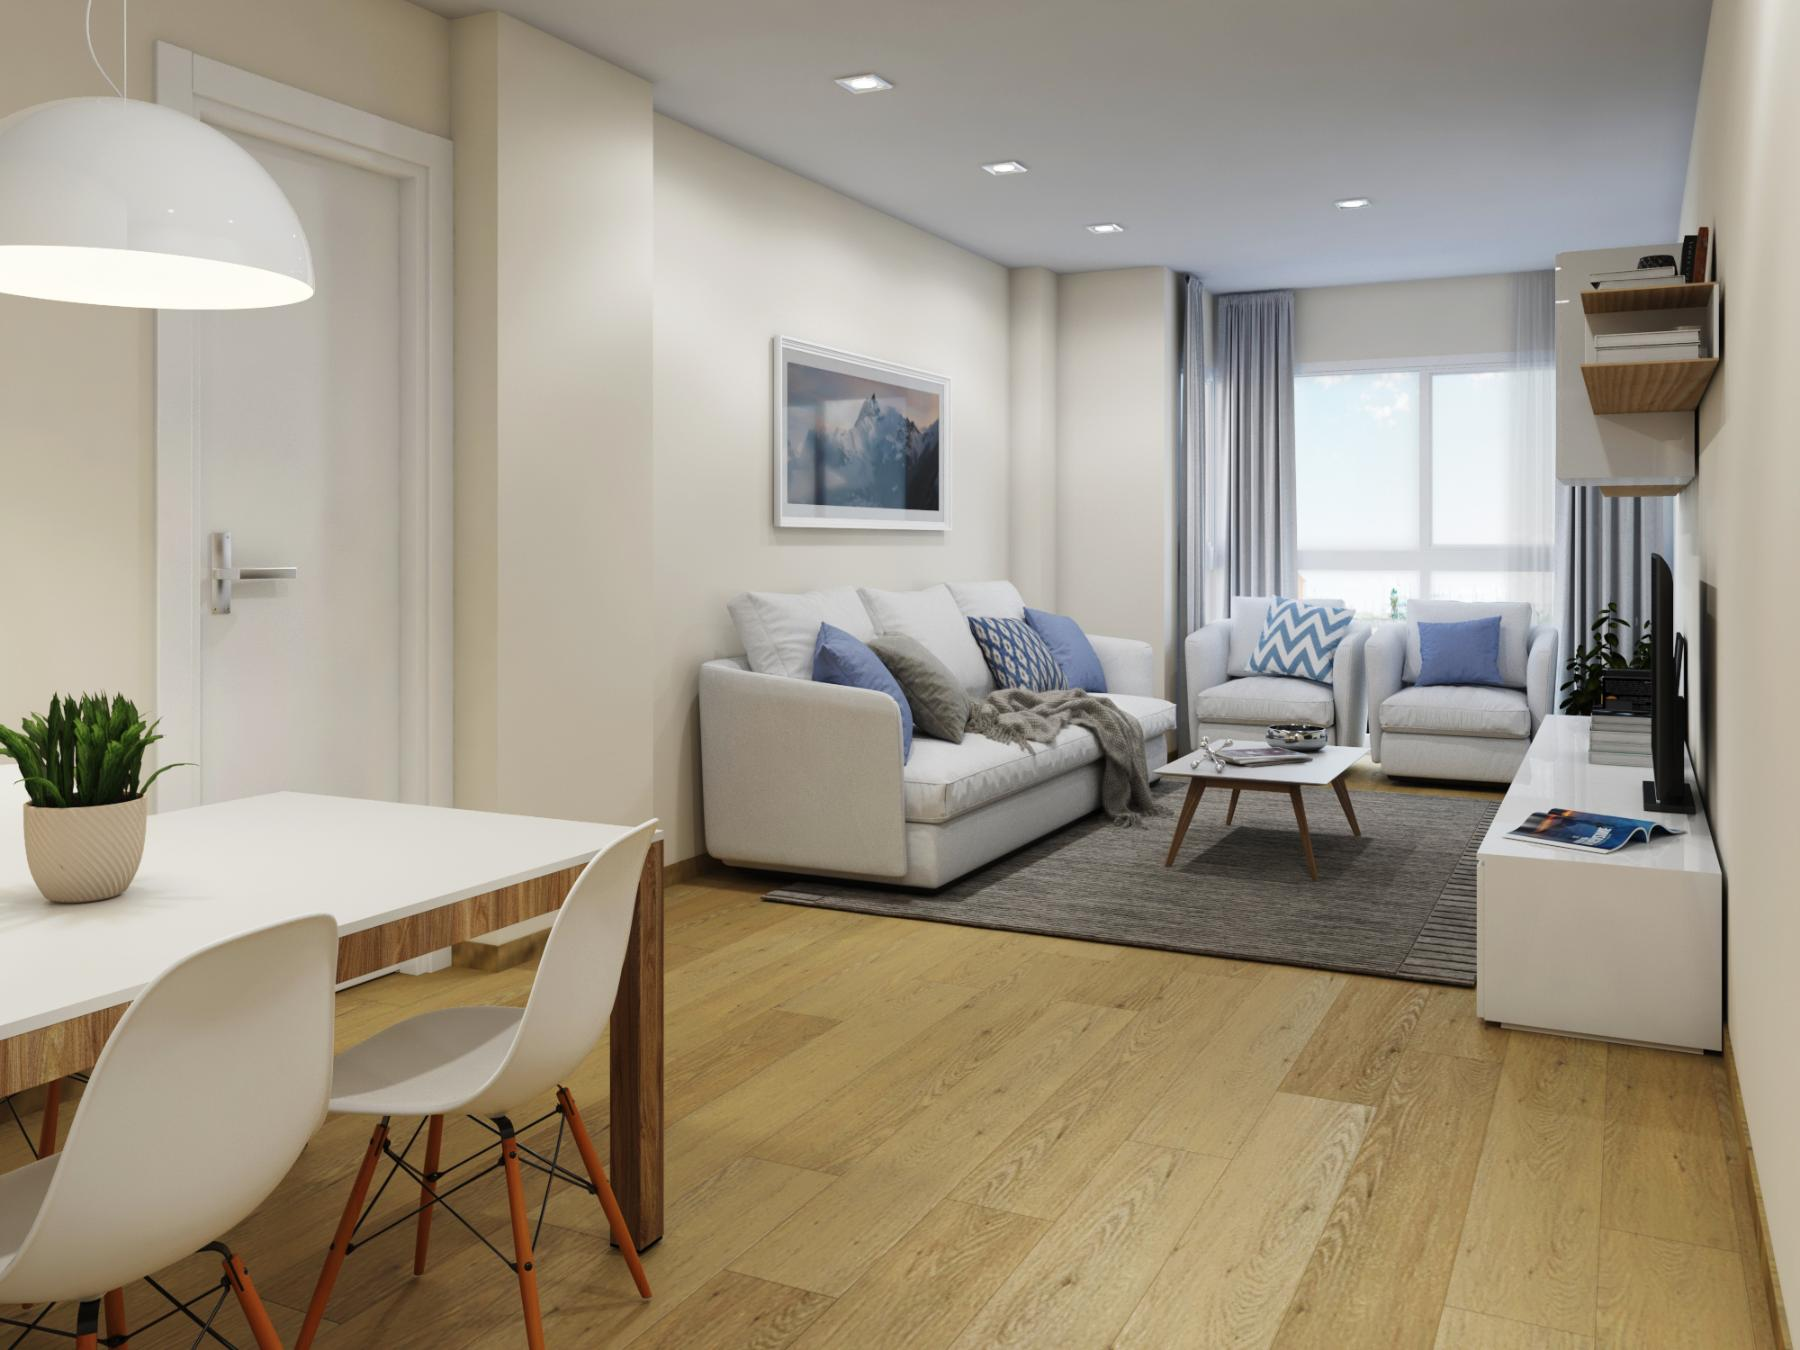 Piso en venta en Valencia, Valencia, Calle Juan Jose Sister, 248.500 €, 4 habitaciones, 2 baños, 122 m2